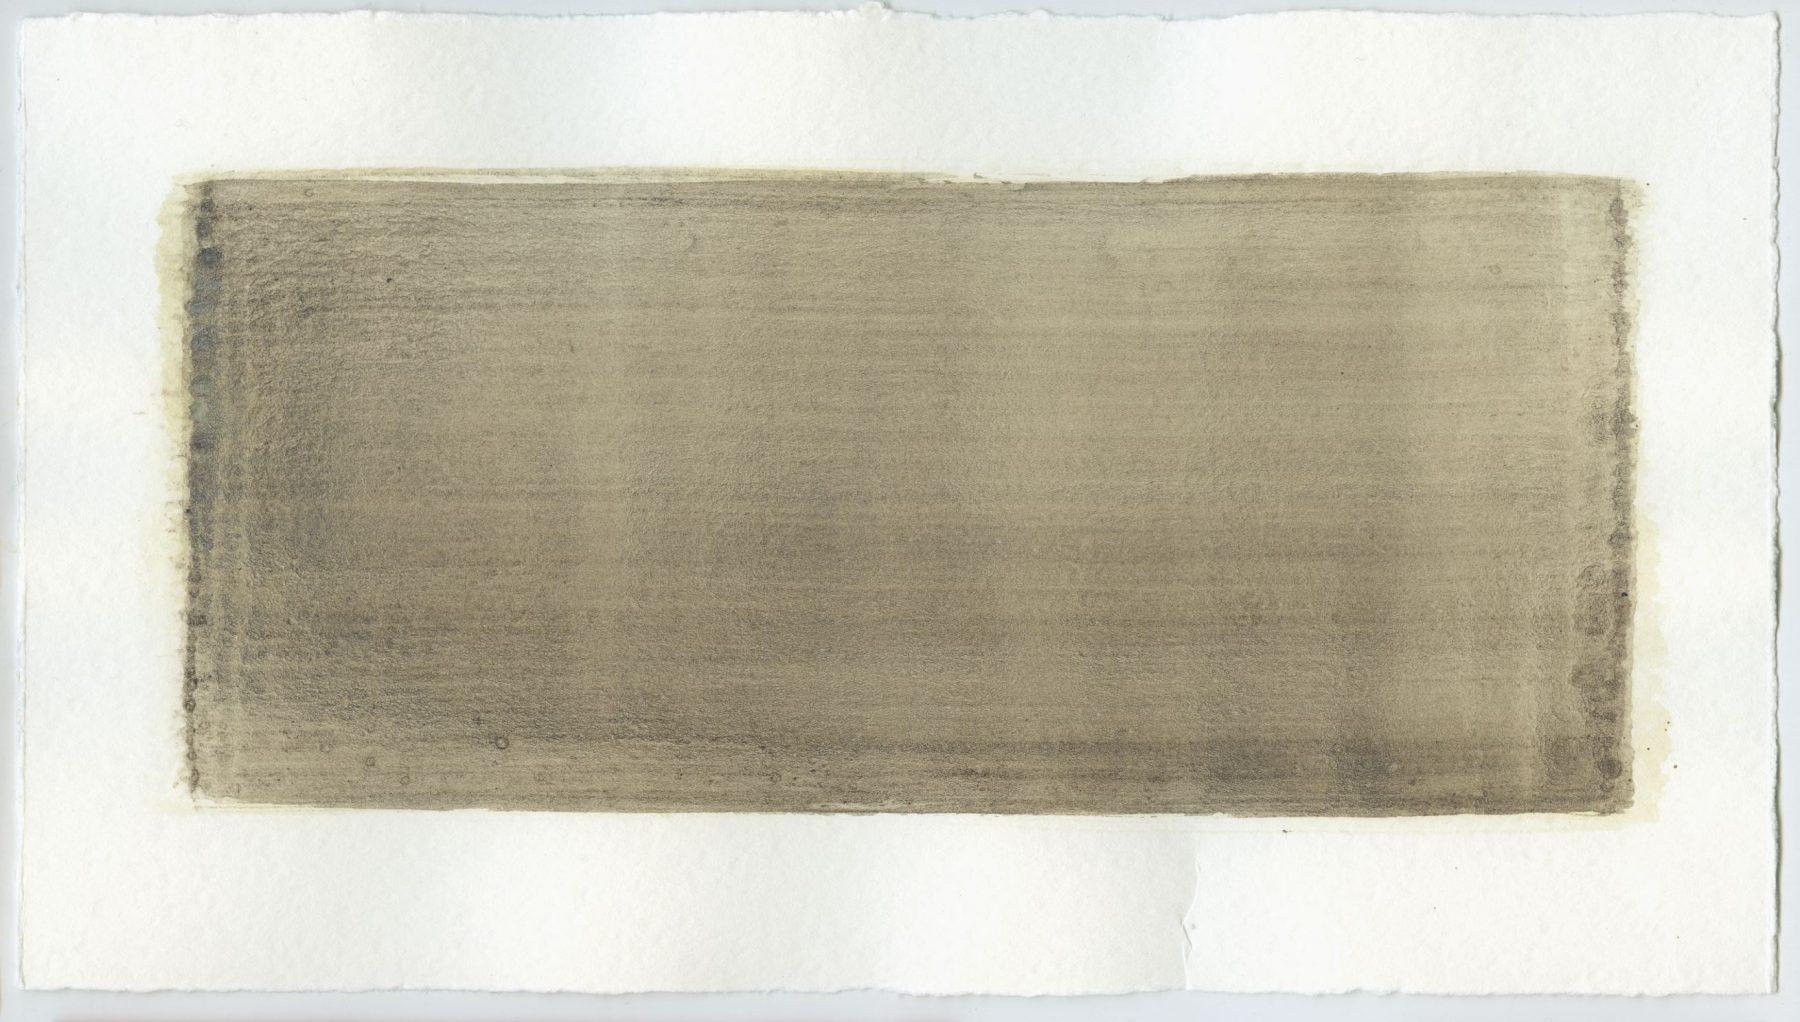 Brush stroke no. 107 - Selfmade pigment: Slingerpad bruin, Slabroek grijs